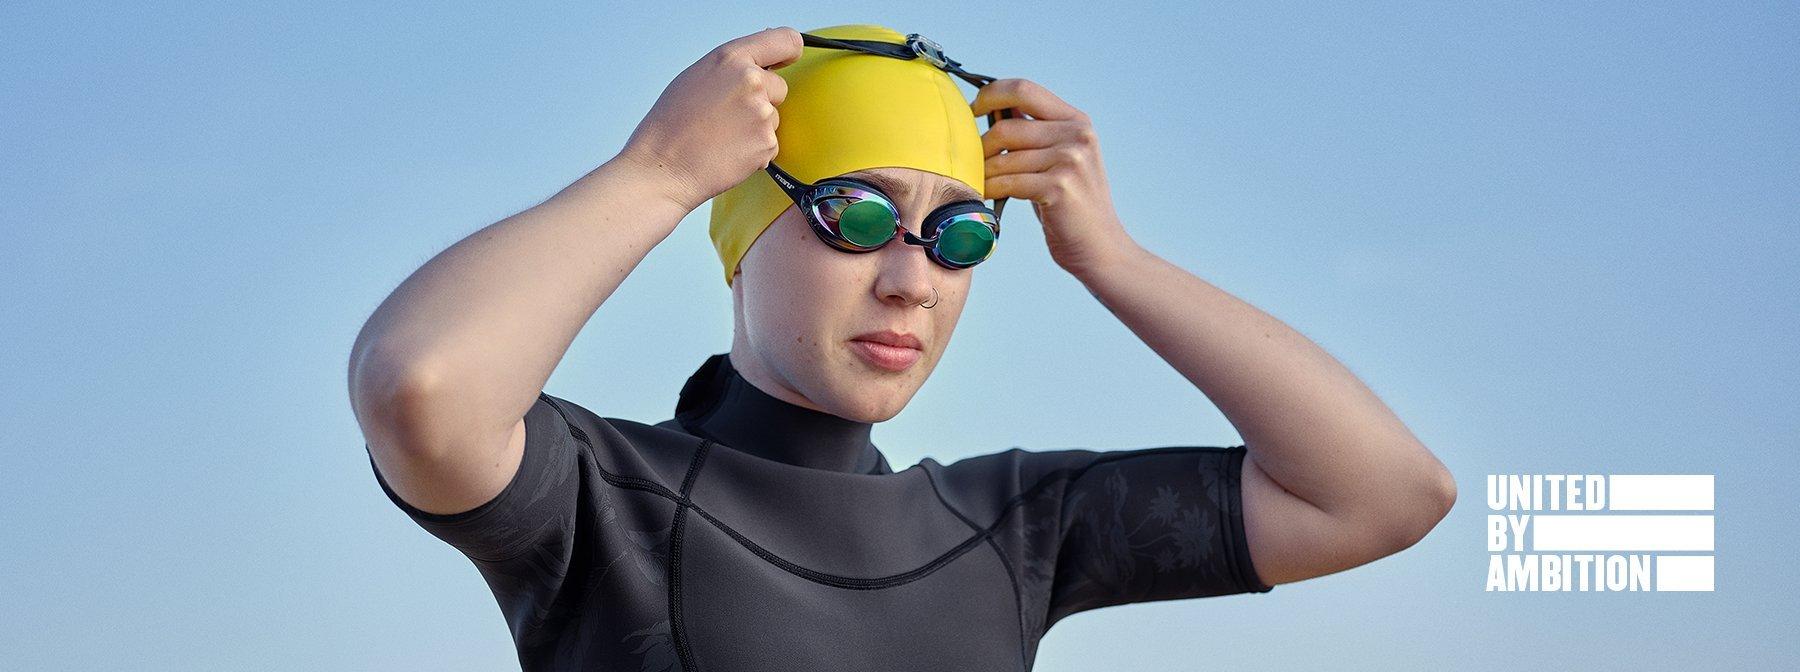 Lerne Hannah kennen: Künstlerin & Abenteurerin mit einer Leidenschaft für Freiwasserschwimmen